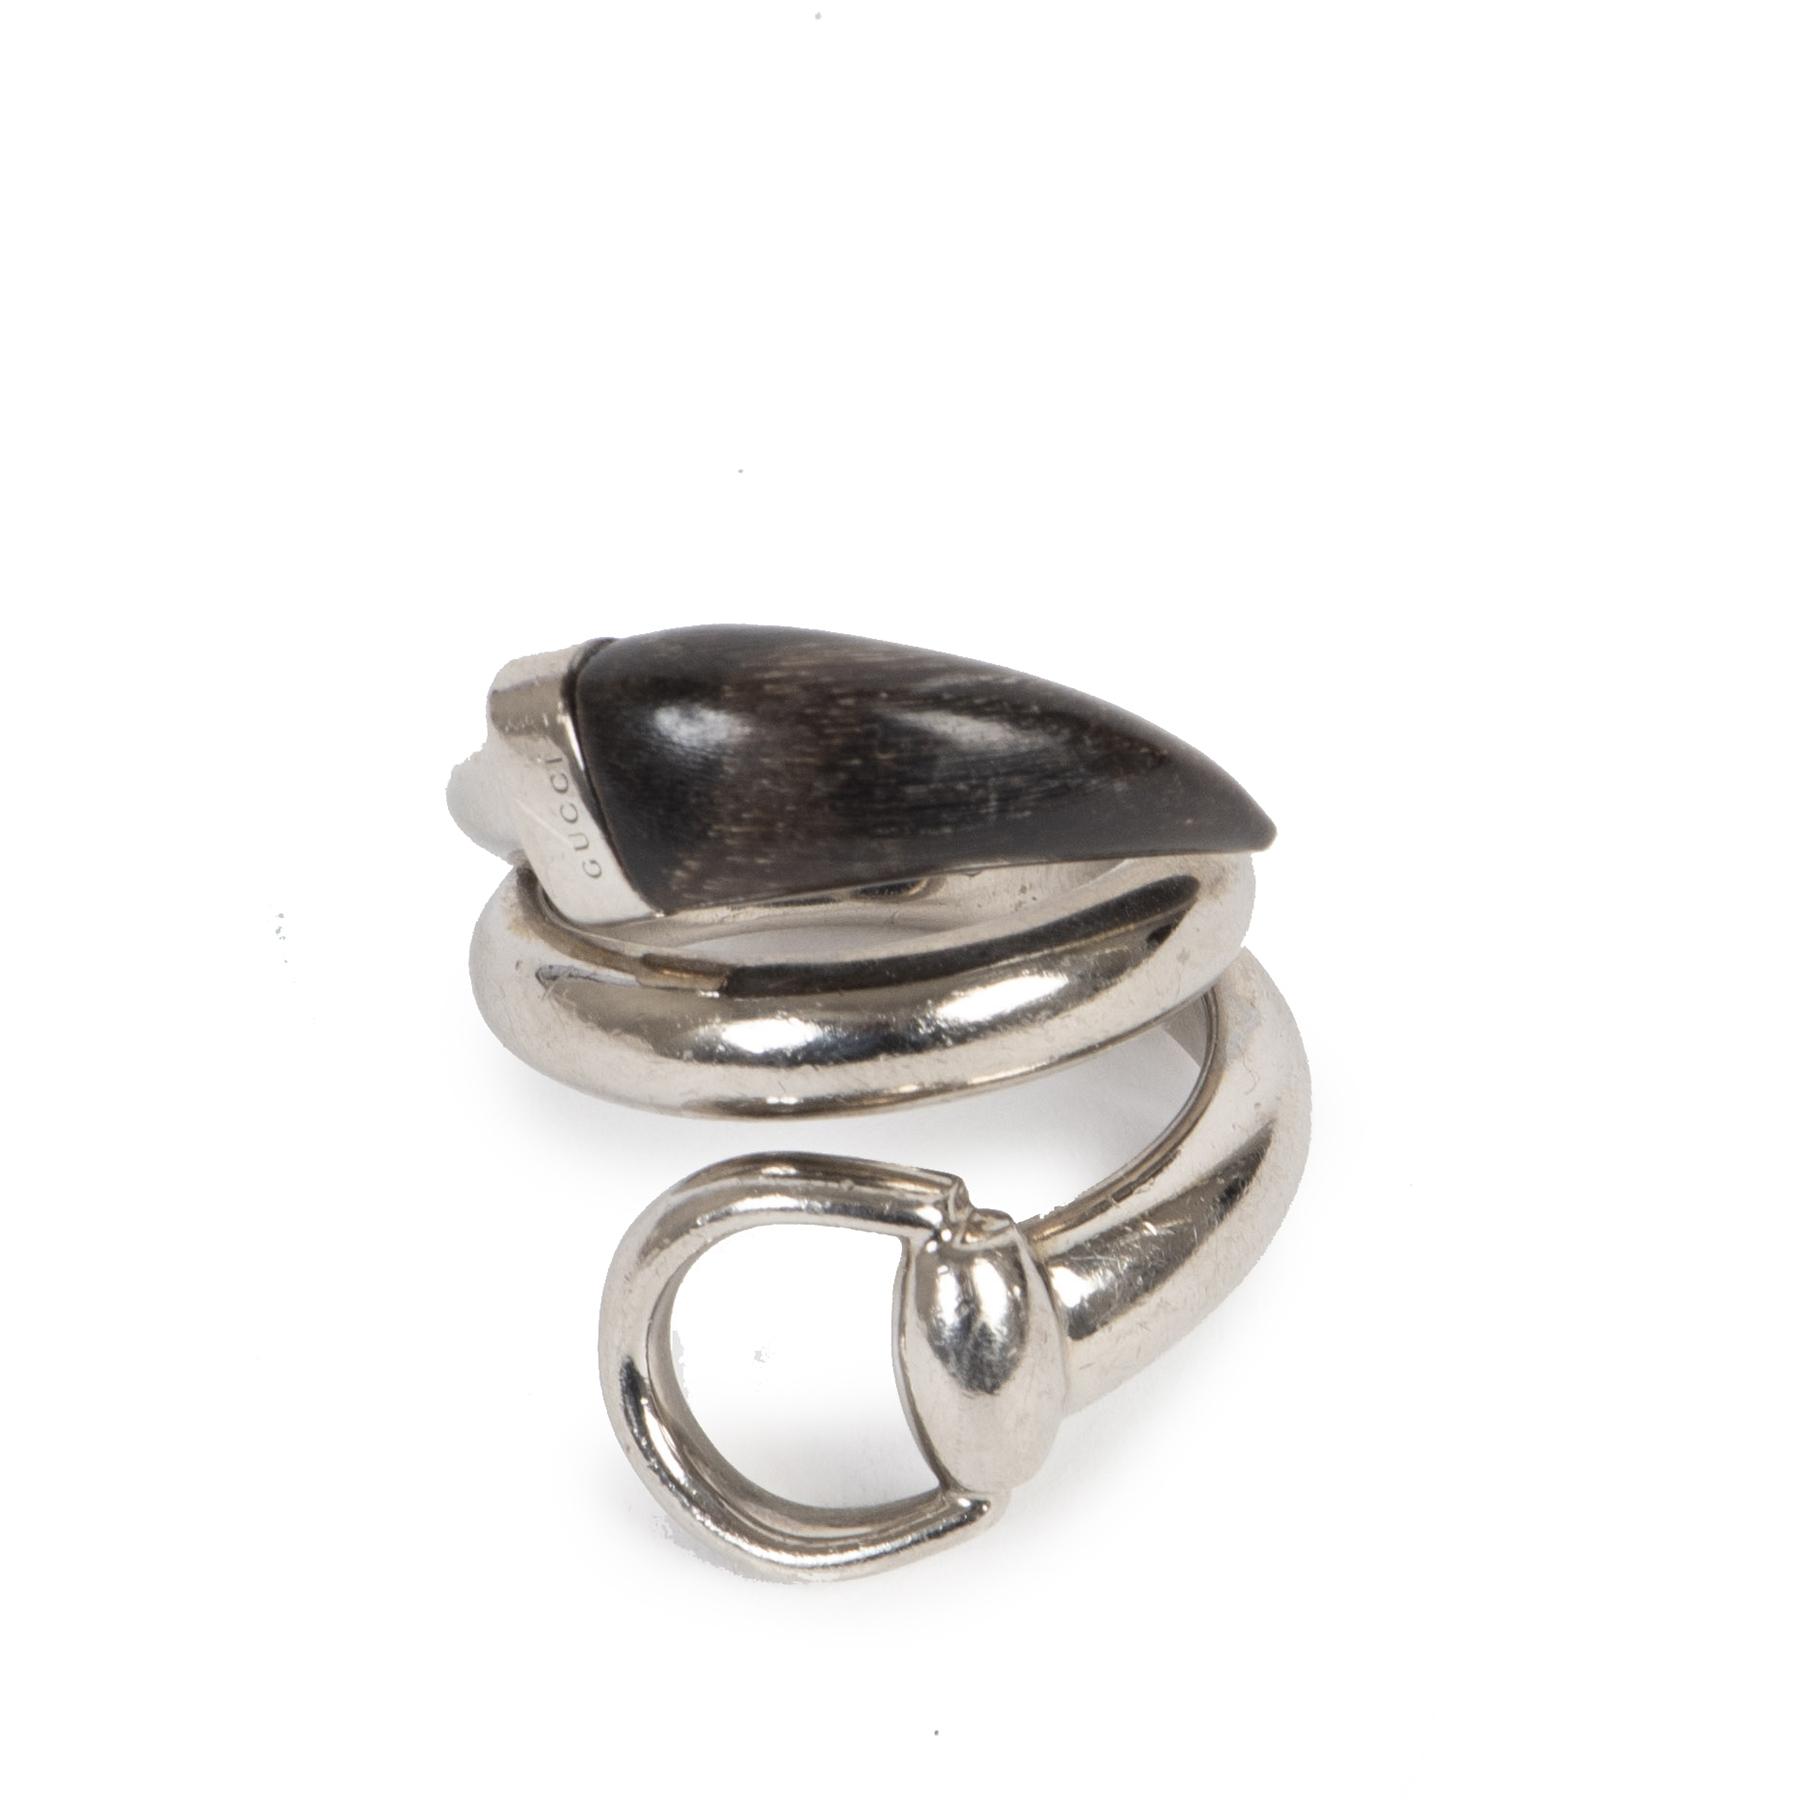 Koop authentieke tweedehands Gucci ringen met de juiste prijs bij LabelLOV